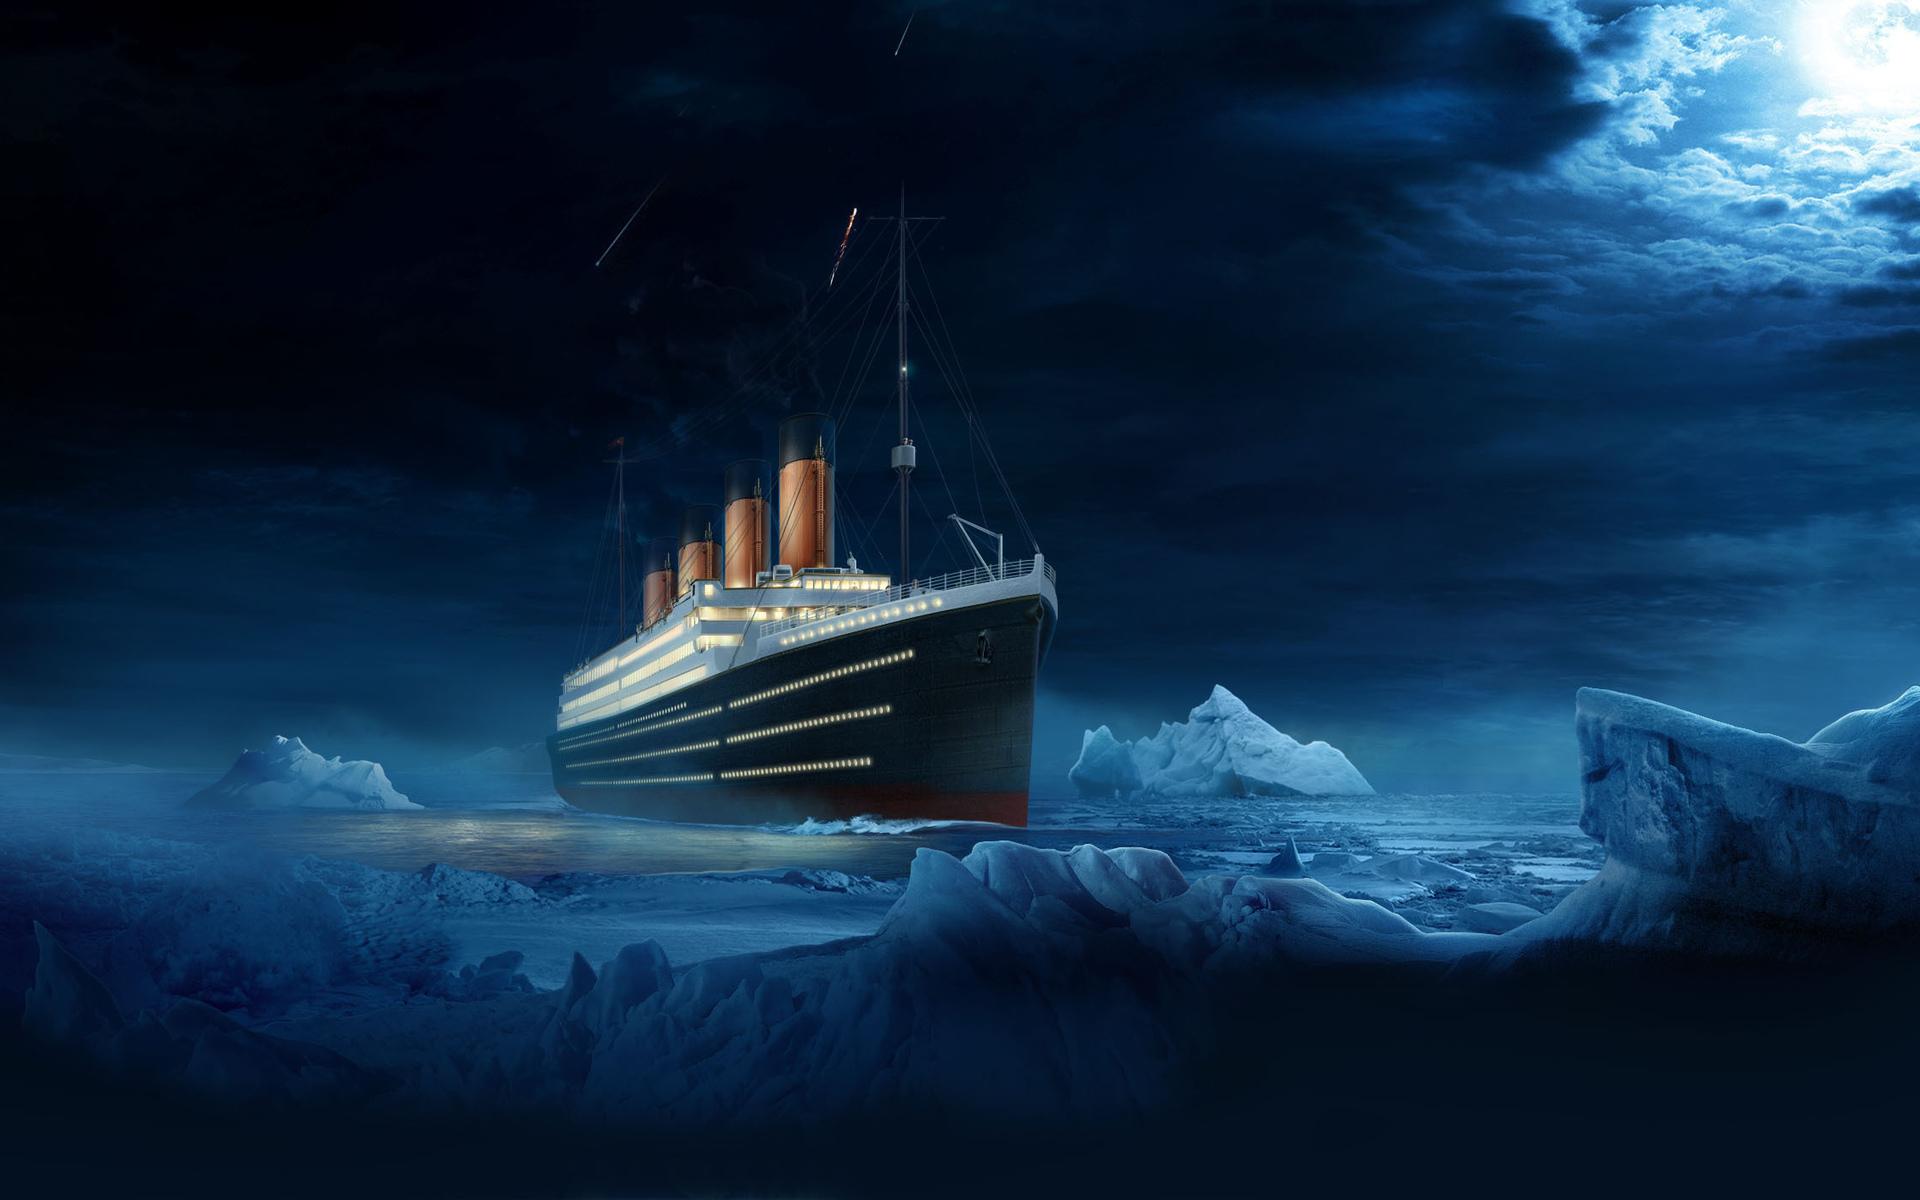 20806 скачать обои Транспорт, Корабли, Море, Лед, Рисунки - заставки и картинки бесплатно